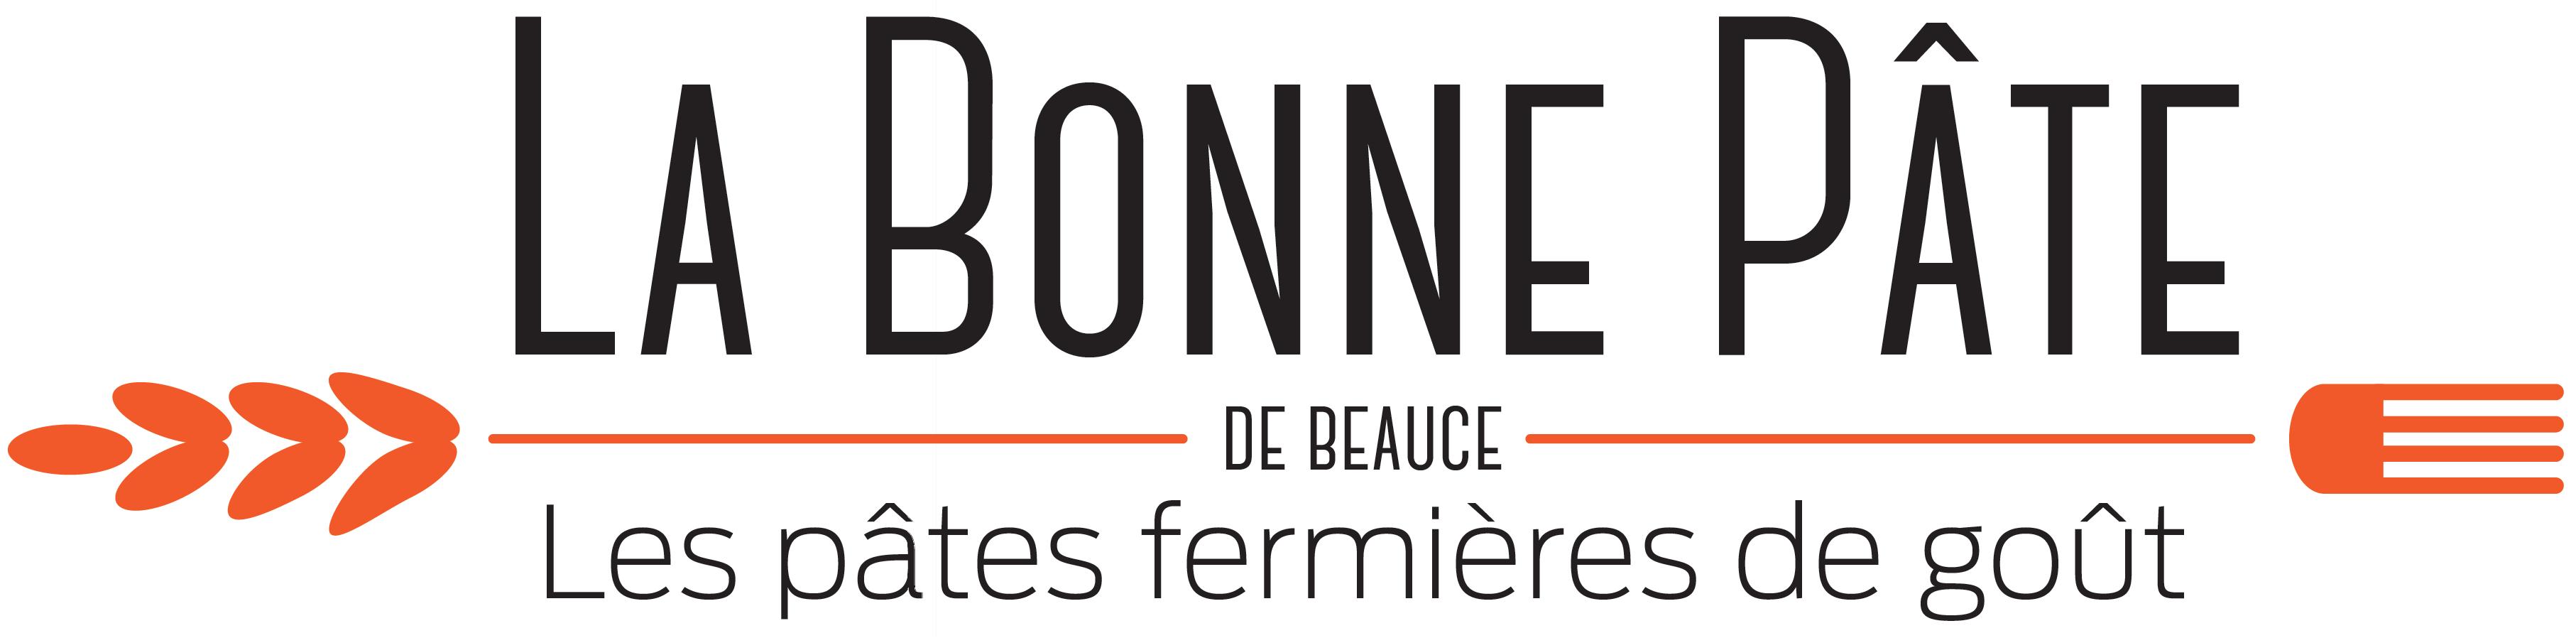 la_bonne_pate_de_beauce_logo